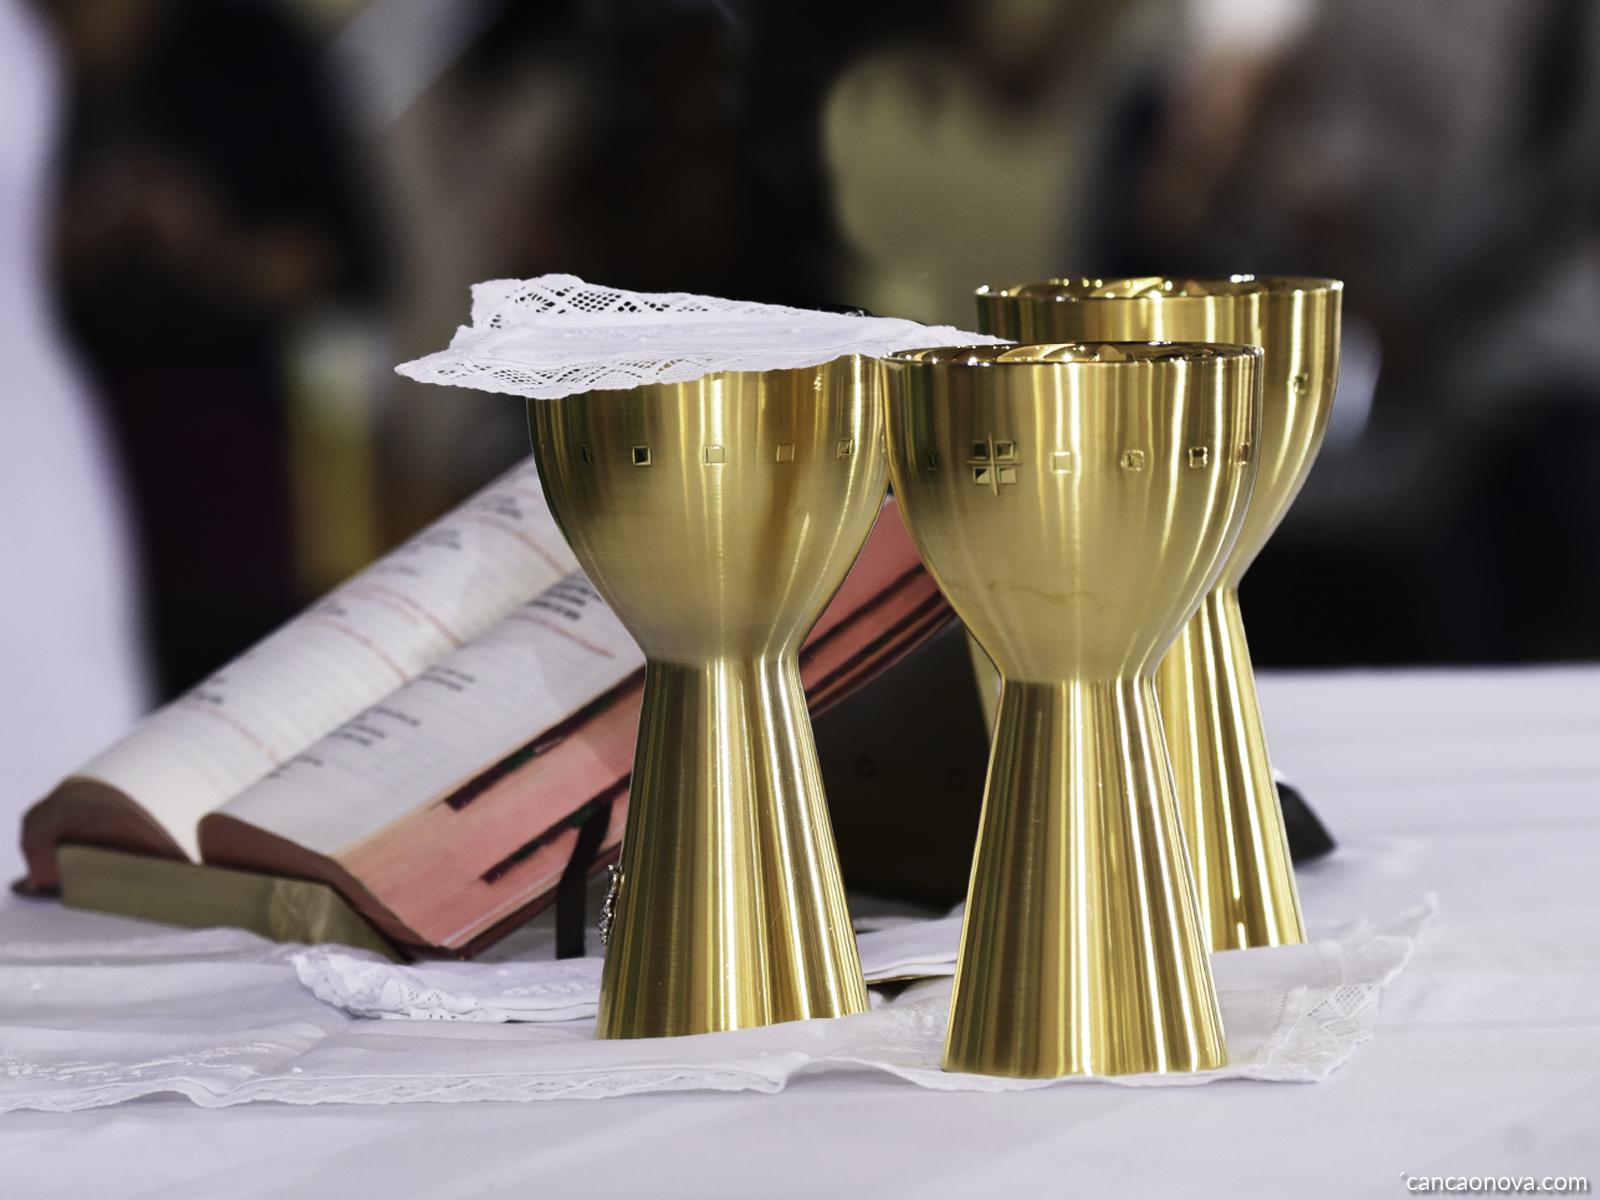 É preciso seguir as normas existentes nos diretórios litúrgicos